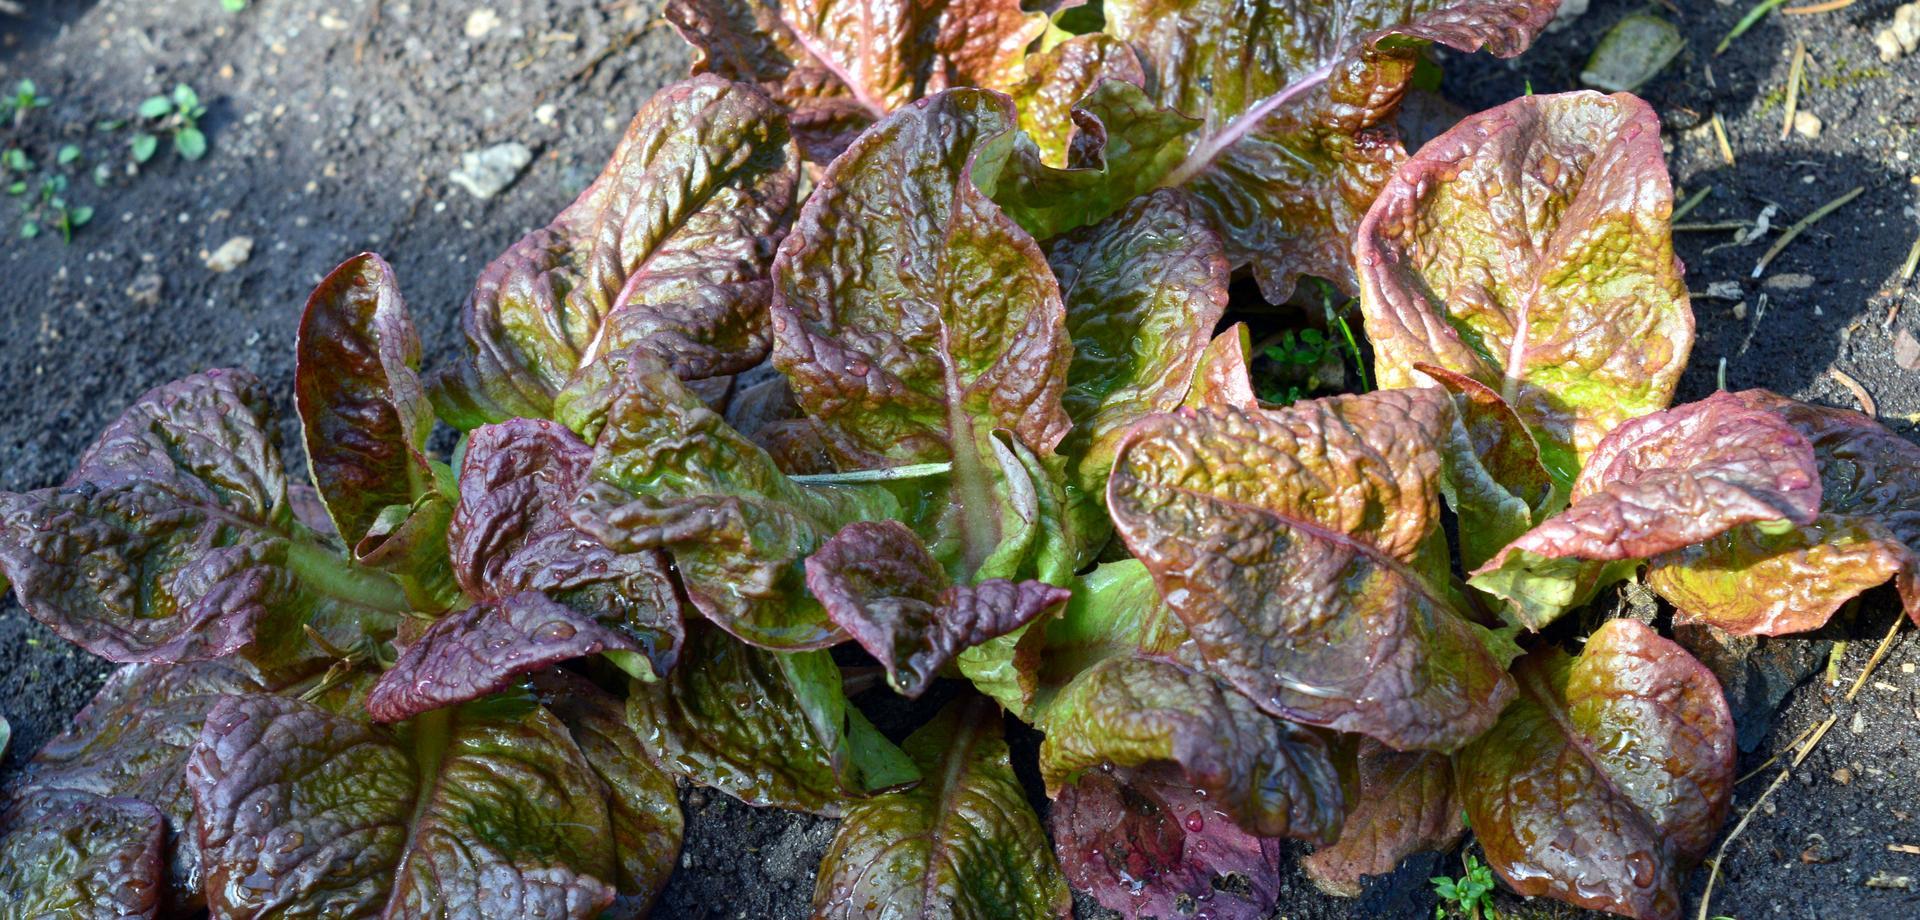 Naša prírodná perma záhradka v roku 2021 - 3/2021 - na jeseseň samovysiate šaláty v skleníku fičia od skorej jari